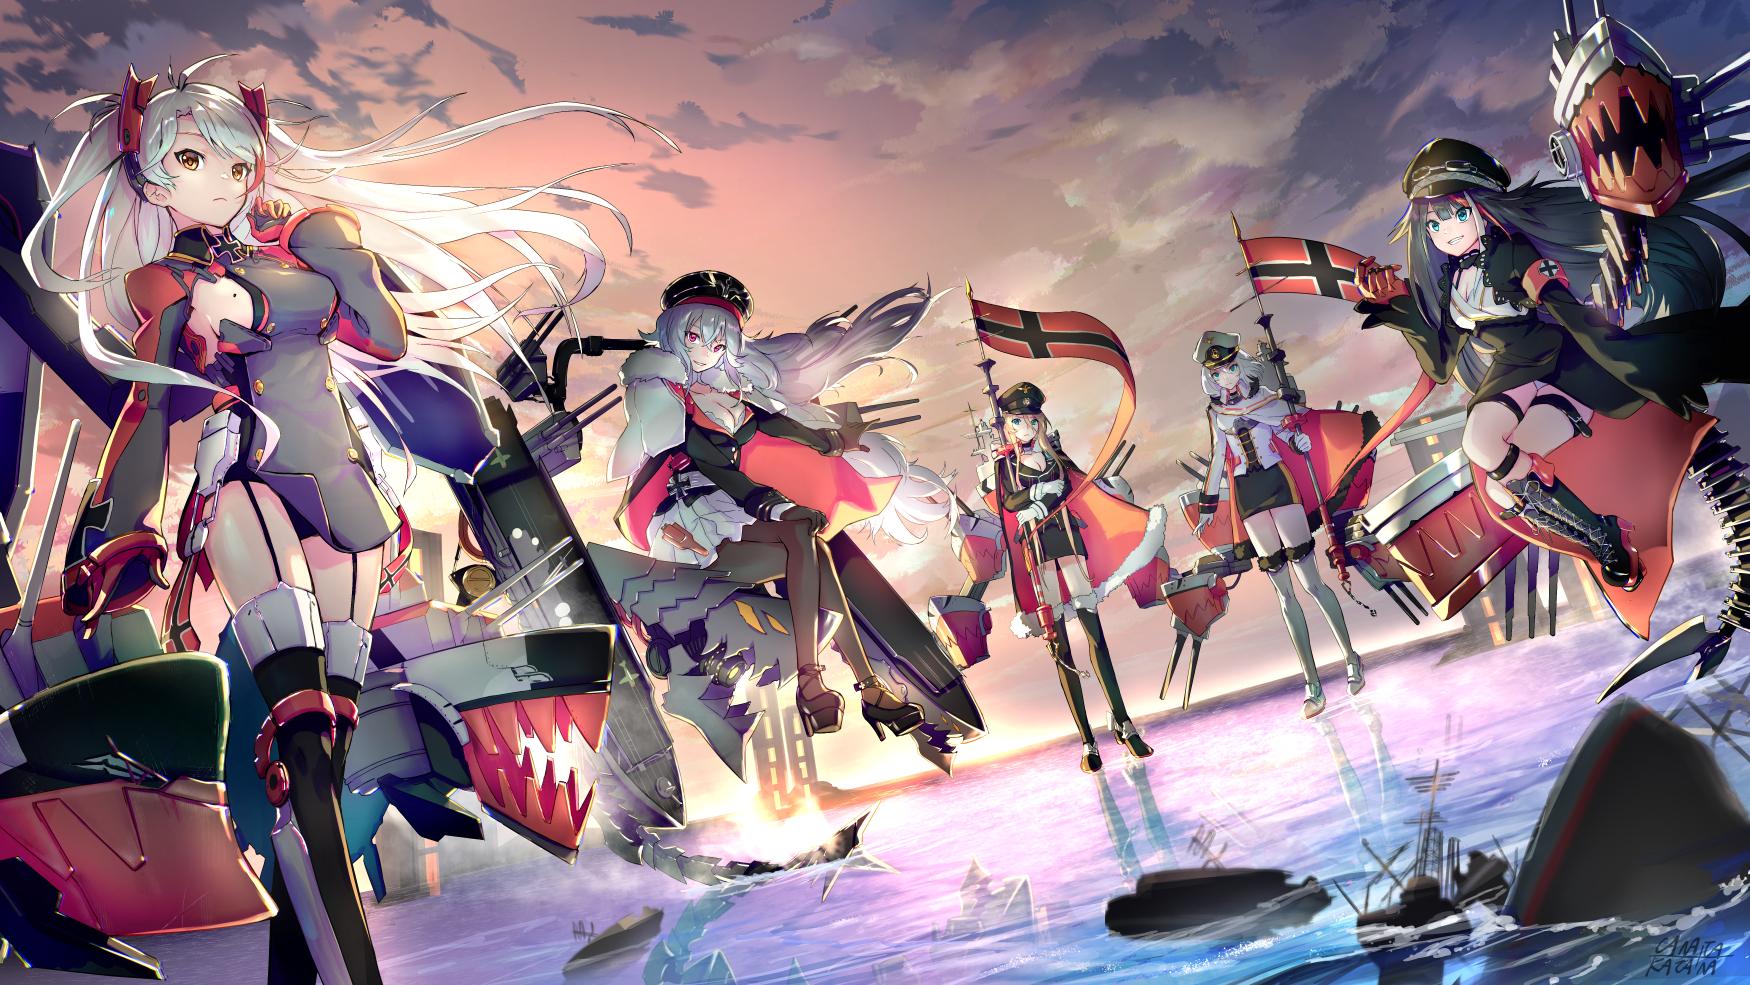 Anime 1750x985 Azur Lane Bismarck (Azur Lane) Deutschland (Azur Lane) Graf Zeppelin (Azur Lane) Prinz Eugen (Azur Lane) Tirpitz (Azur Lane) colorful anthropomorphism group of women anime girls anime